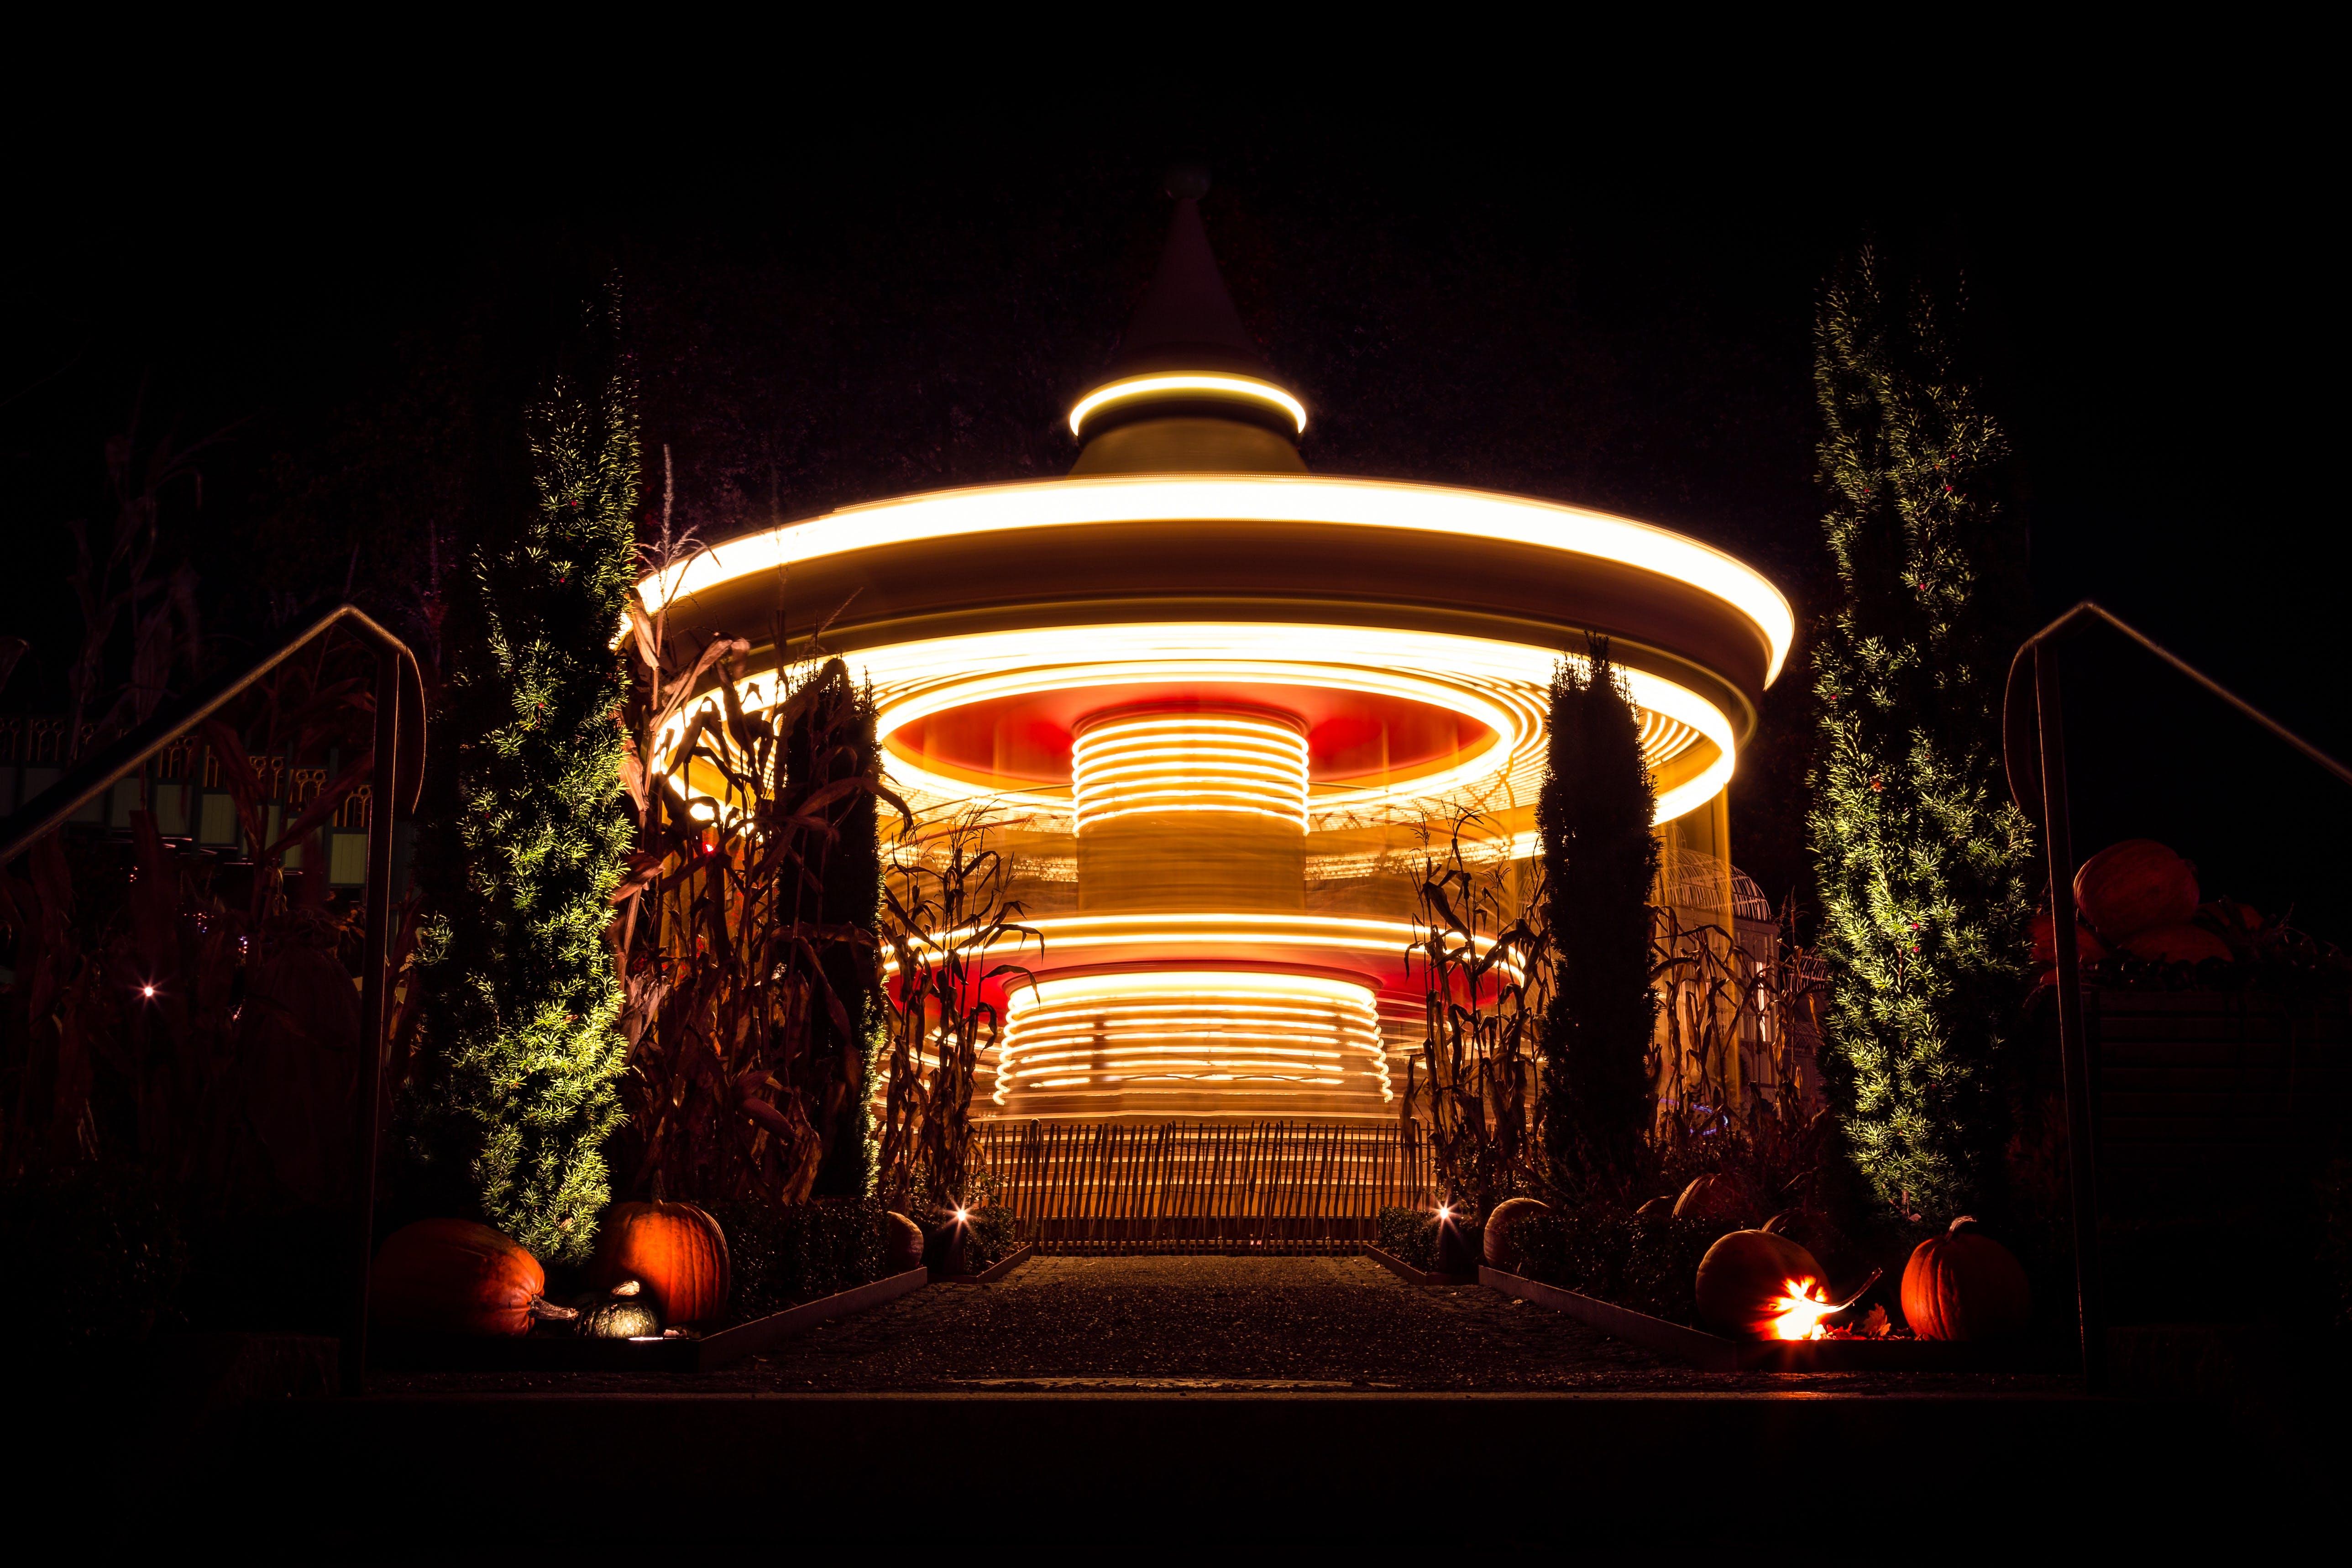 Gratis lagerfoto af græskar, Halloween, karrusel, majsmark